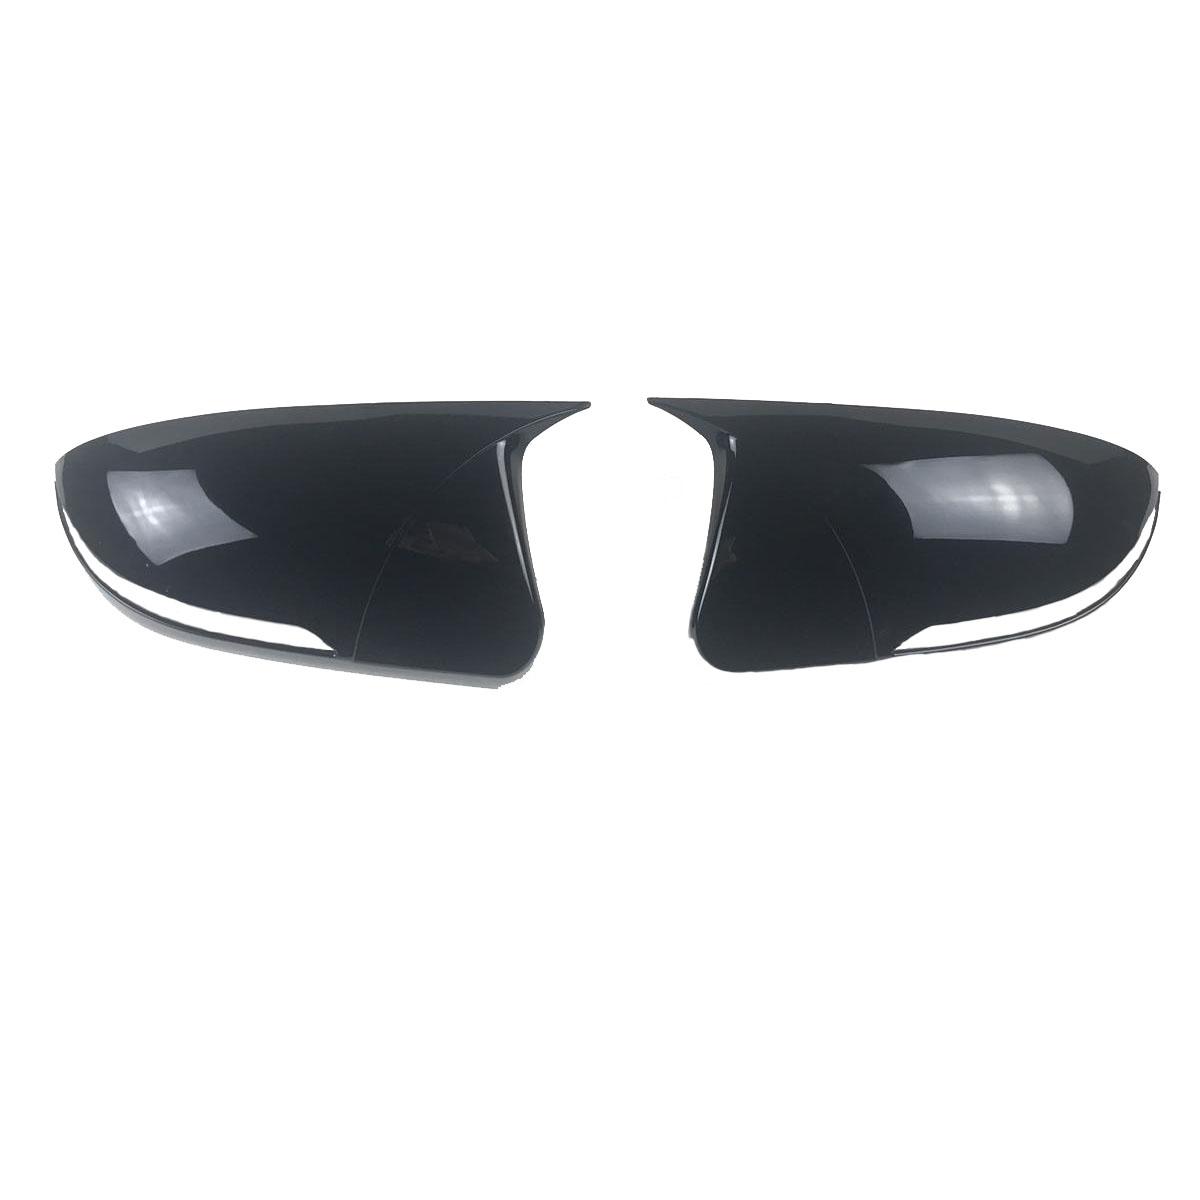 Yarasa Ayna Kapağı Sinyalli Yuvalı I-20/2014+ /AYKAY014